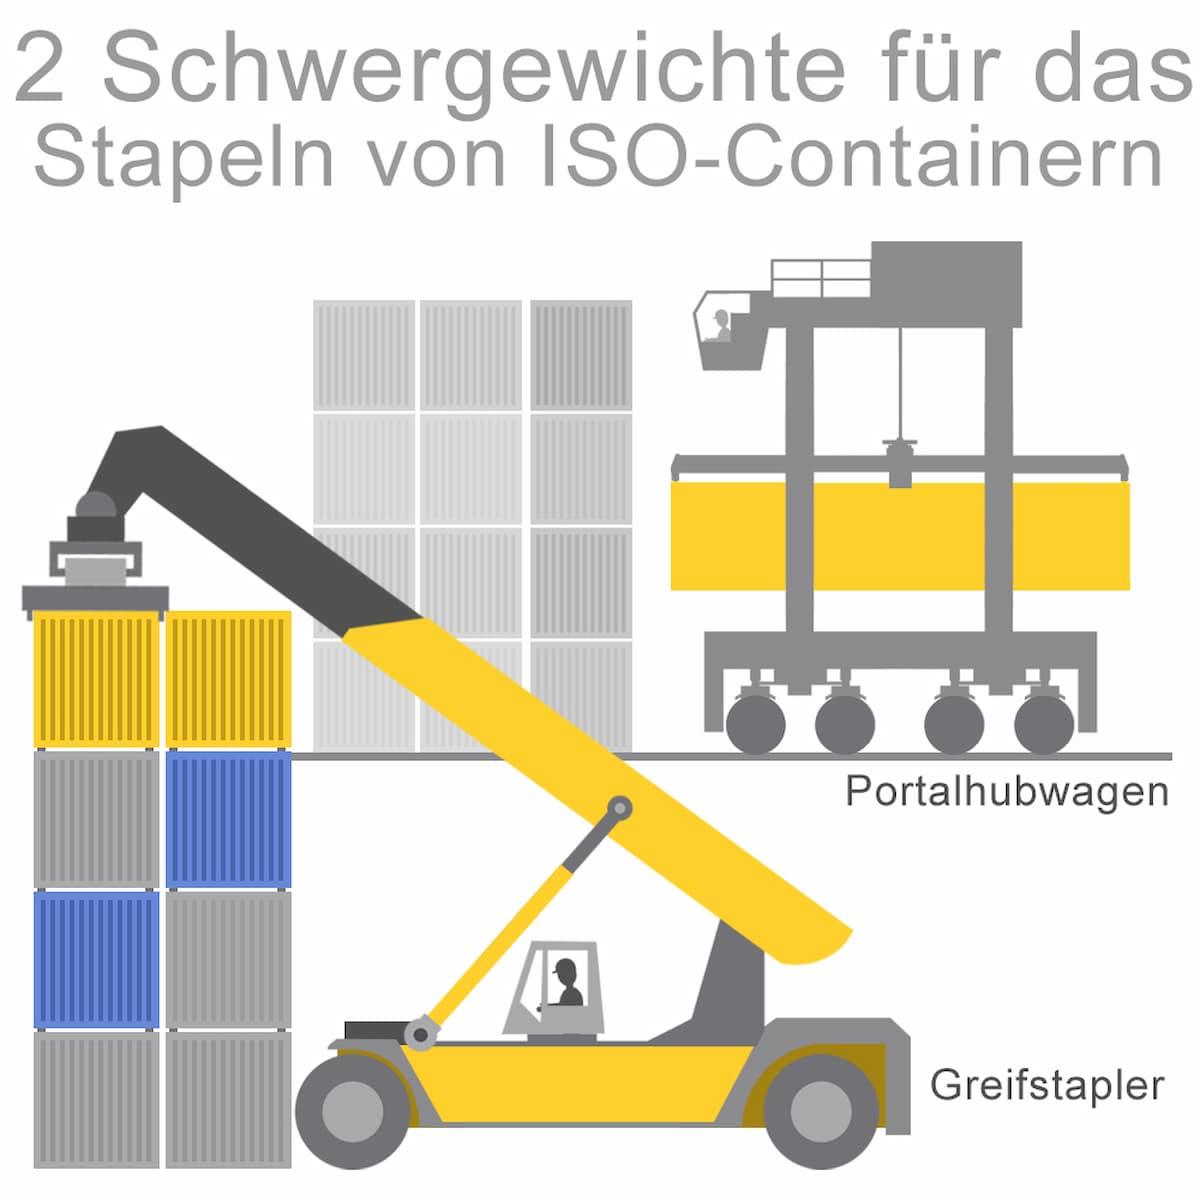 Zwei Schwergewichte für das Stapeln von Containern